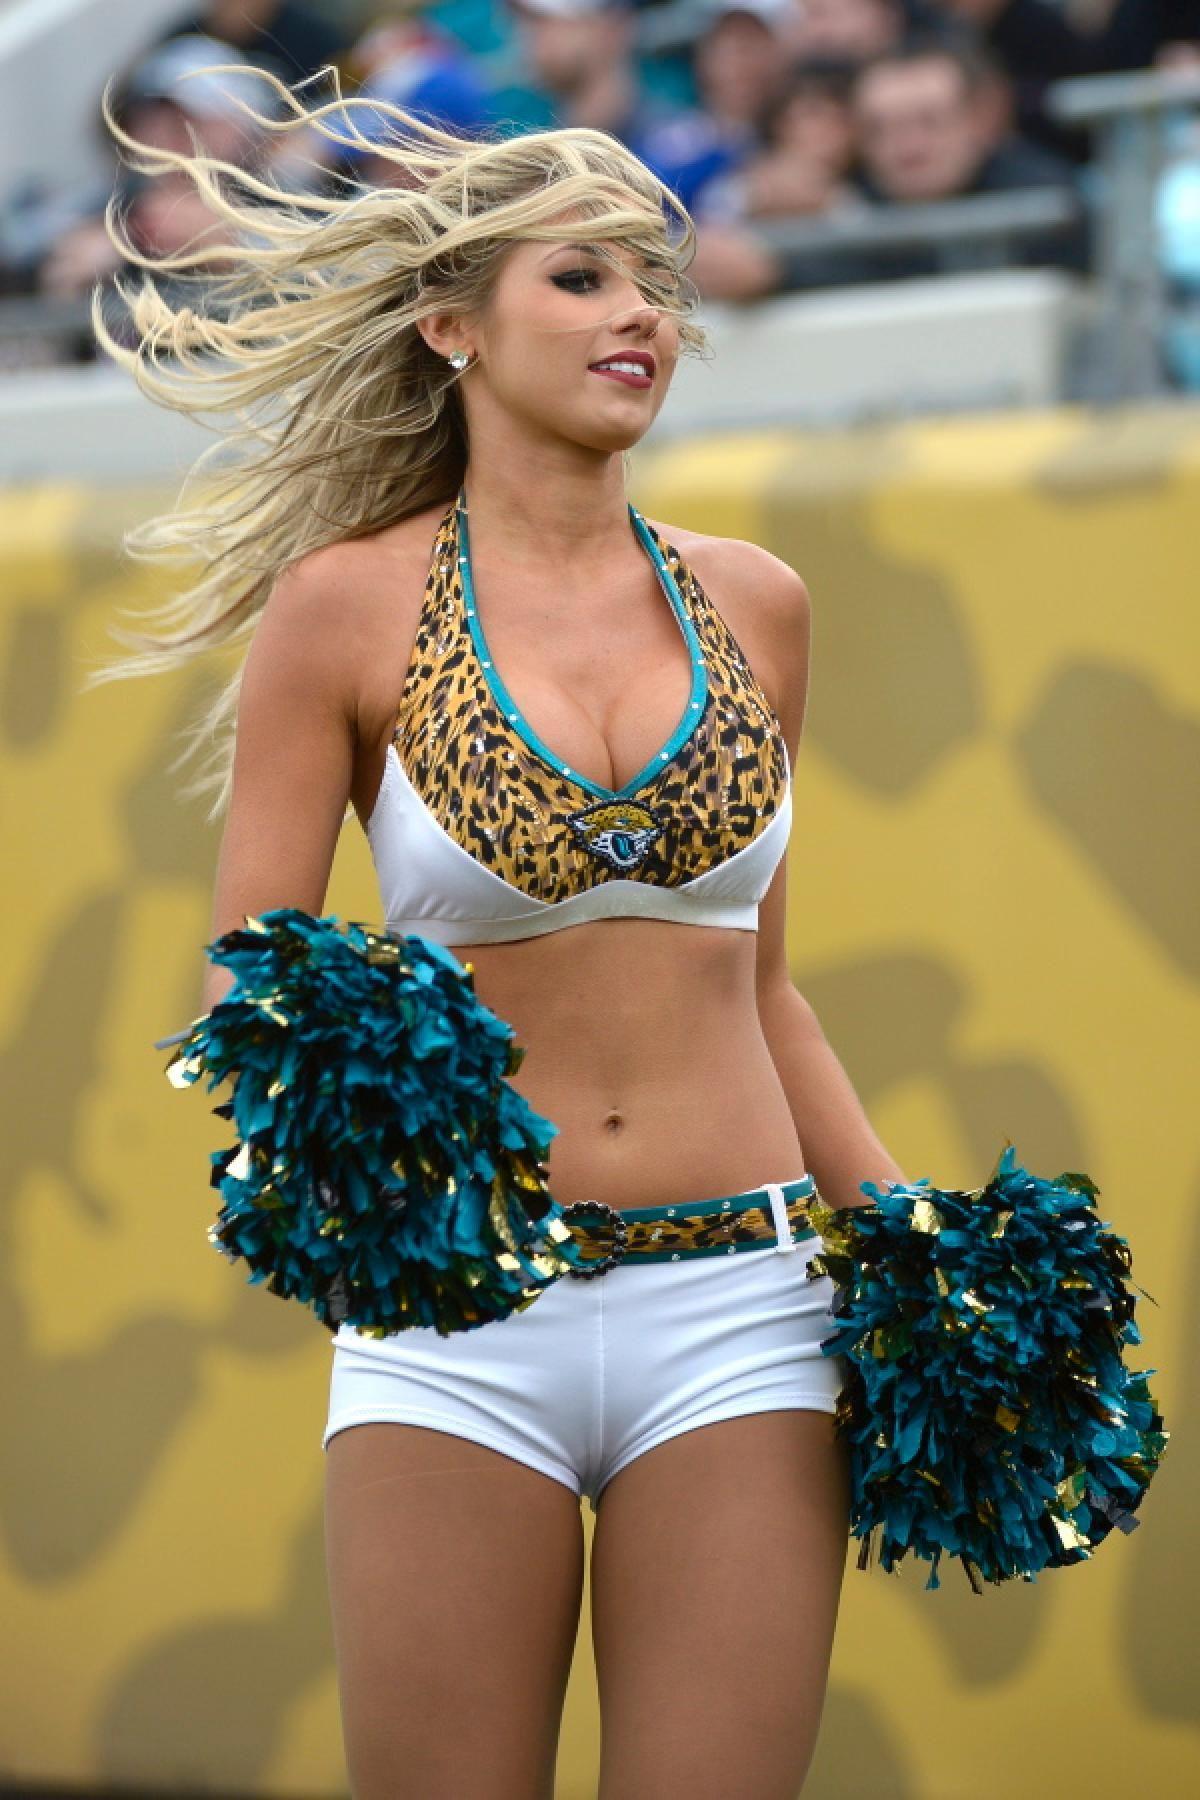 Nfl nude jill cheerleader